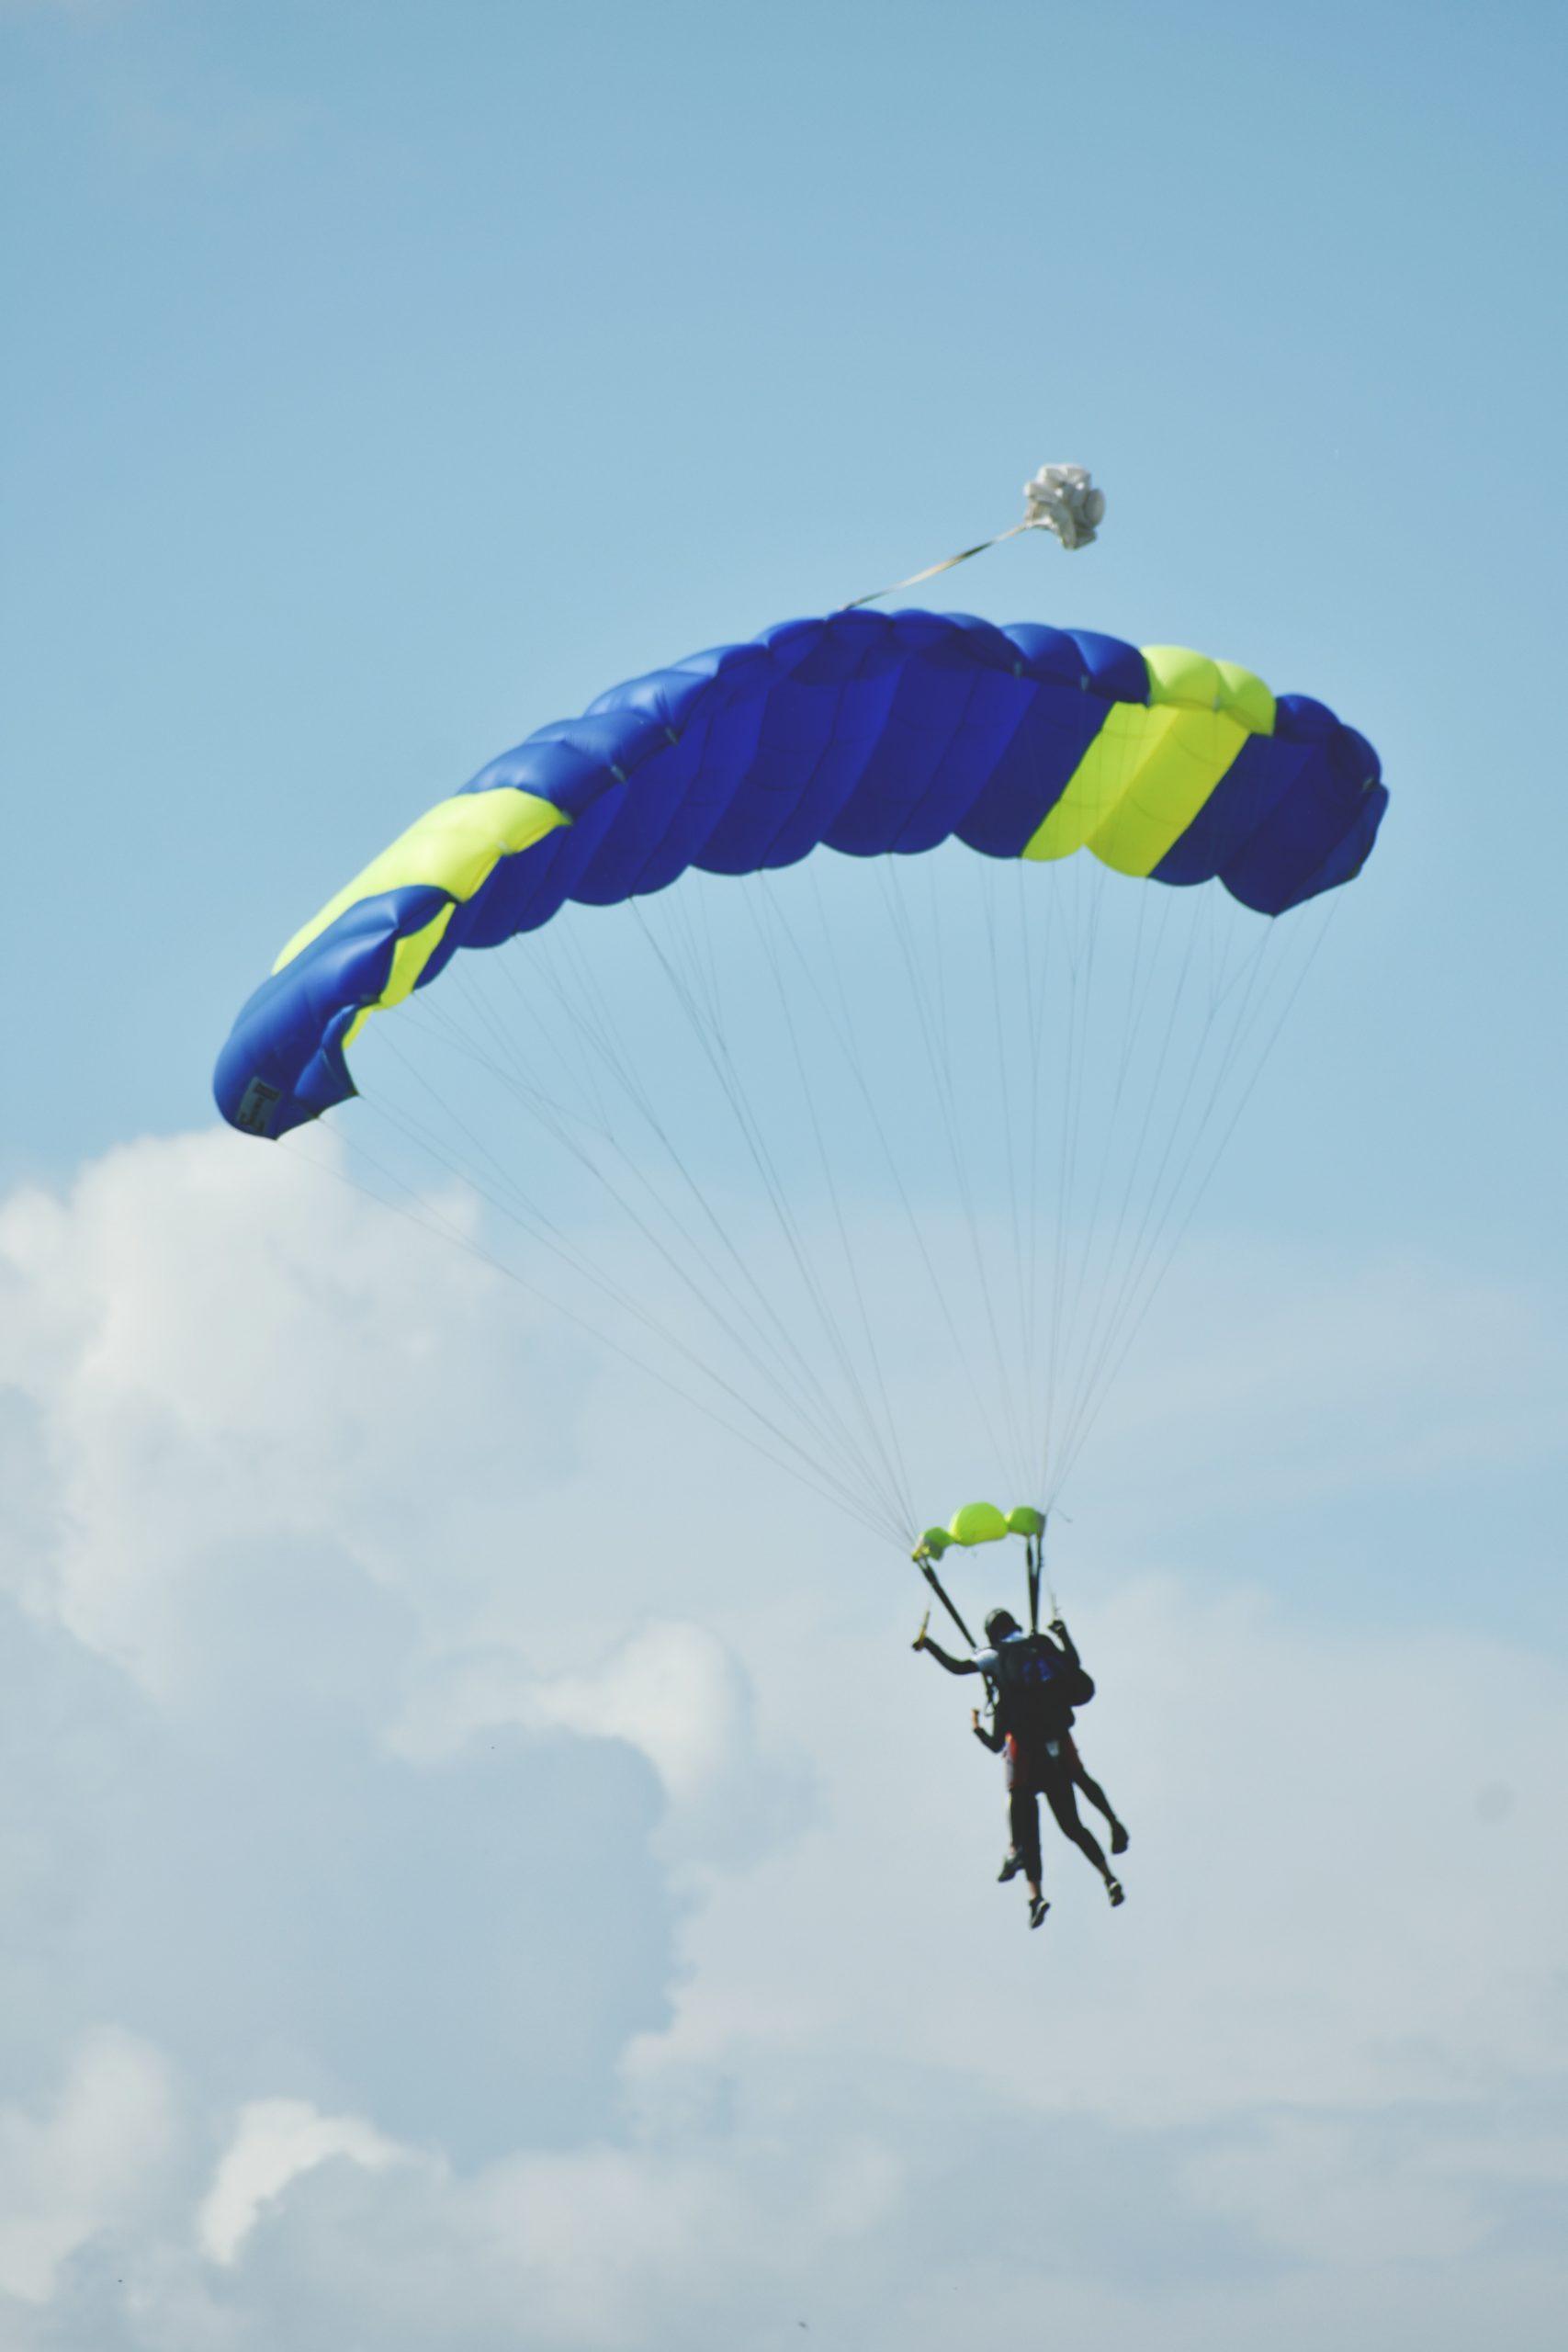 Skydiven als eerste date